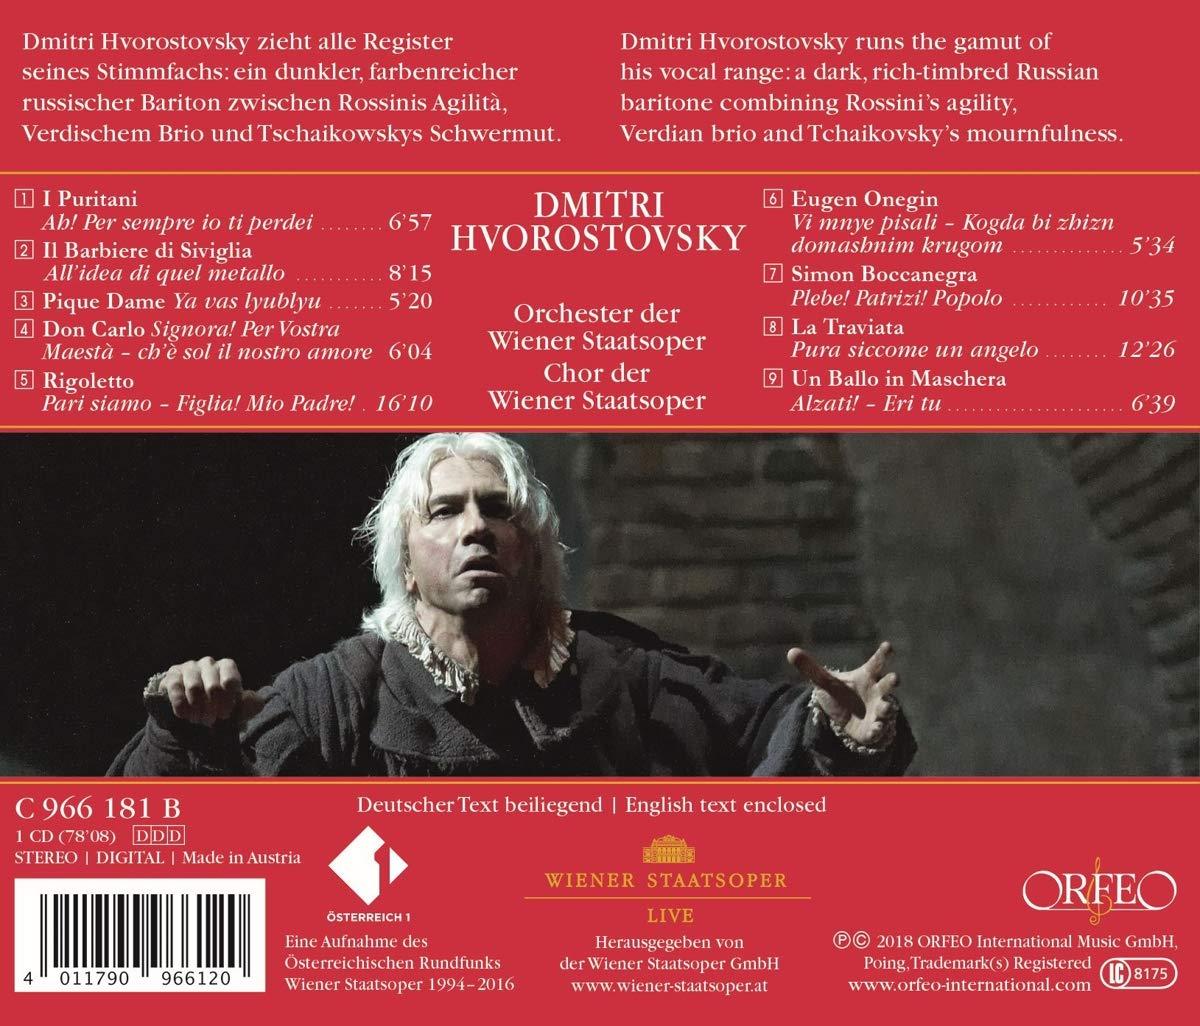 d7199b17 Dmitri Hvorostovsky - Wiener Staatsoper Live, 1994-2016 [Dmitri  Hvorostovsky] [Orfeo: C966181B]: Amazon.co.uk: Music